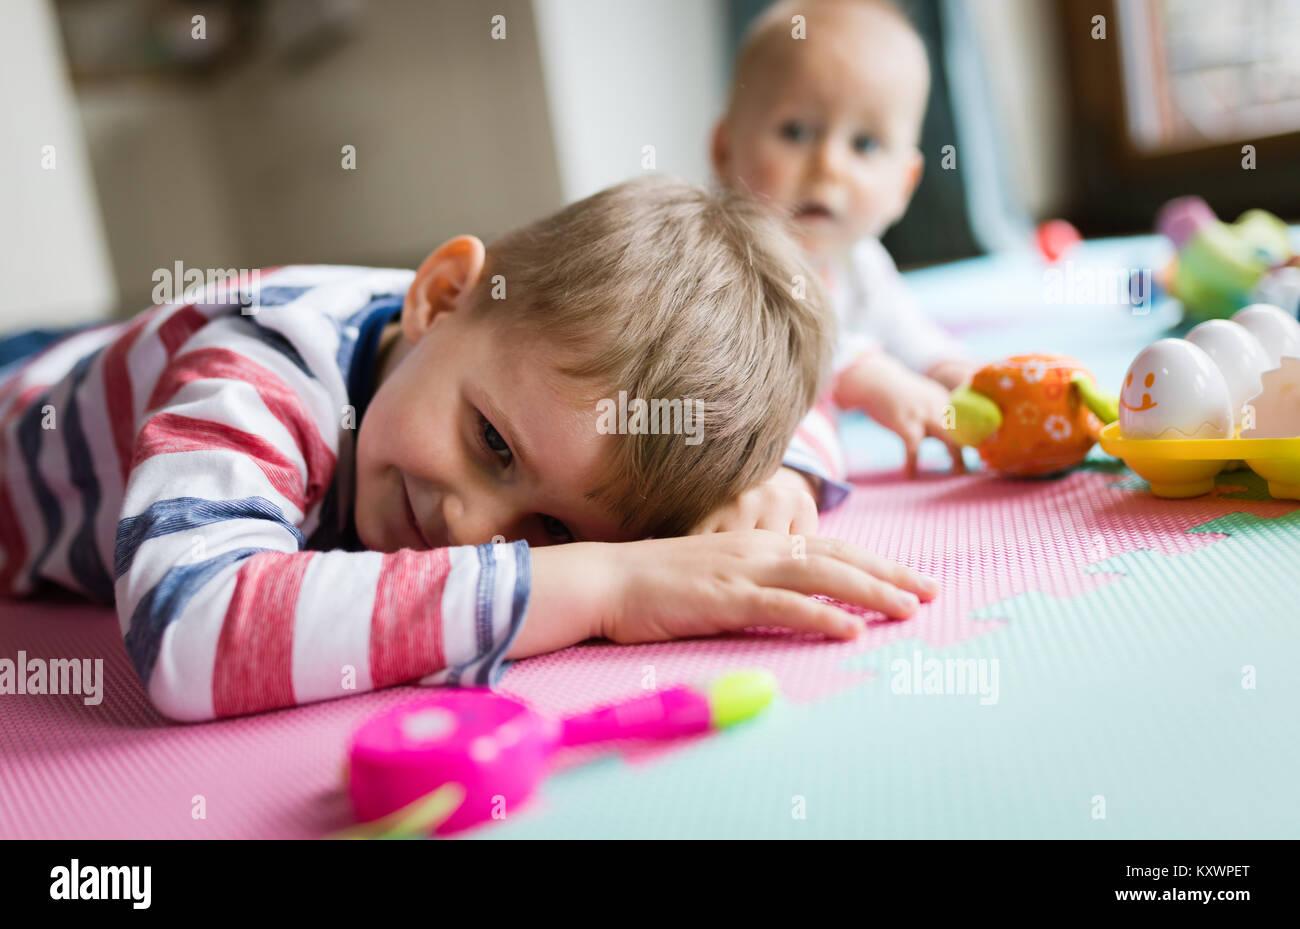 Cute little niños jugando mientras está sentado sobre una alfombra Imagen De Stock